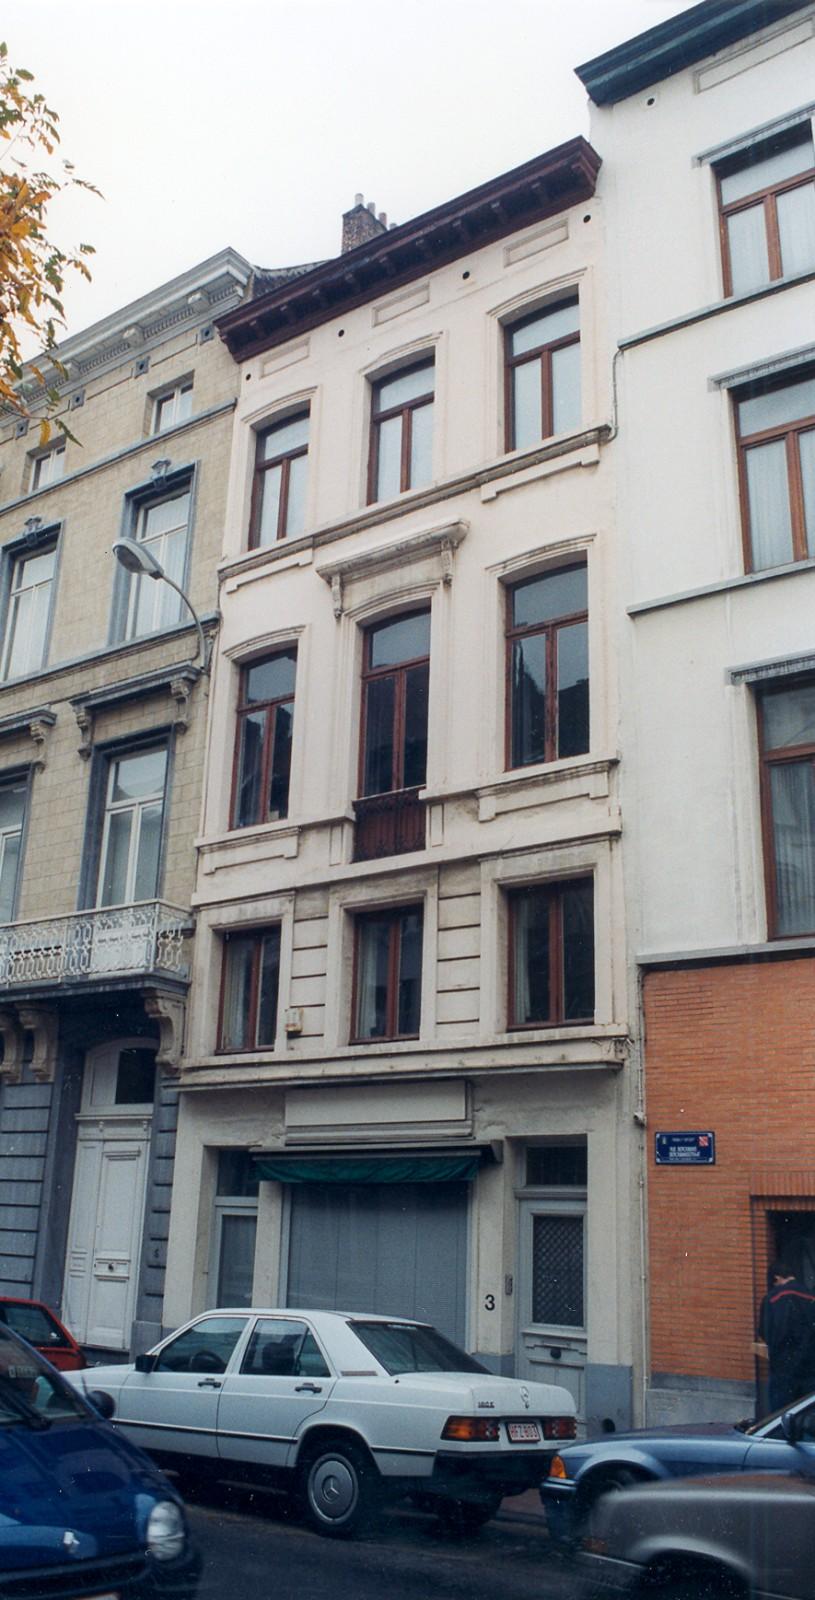 Berckmansstraat 3., 1999